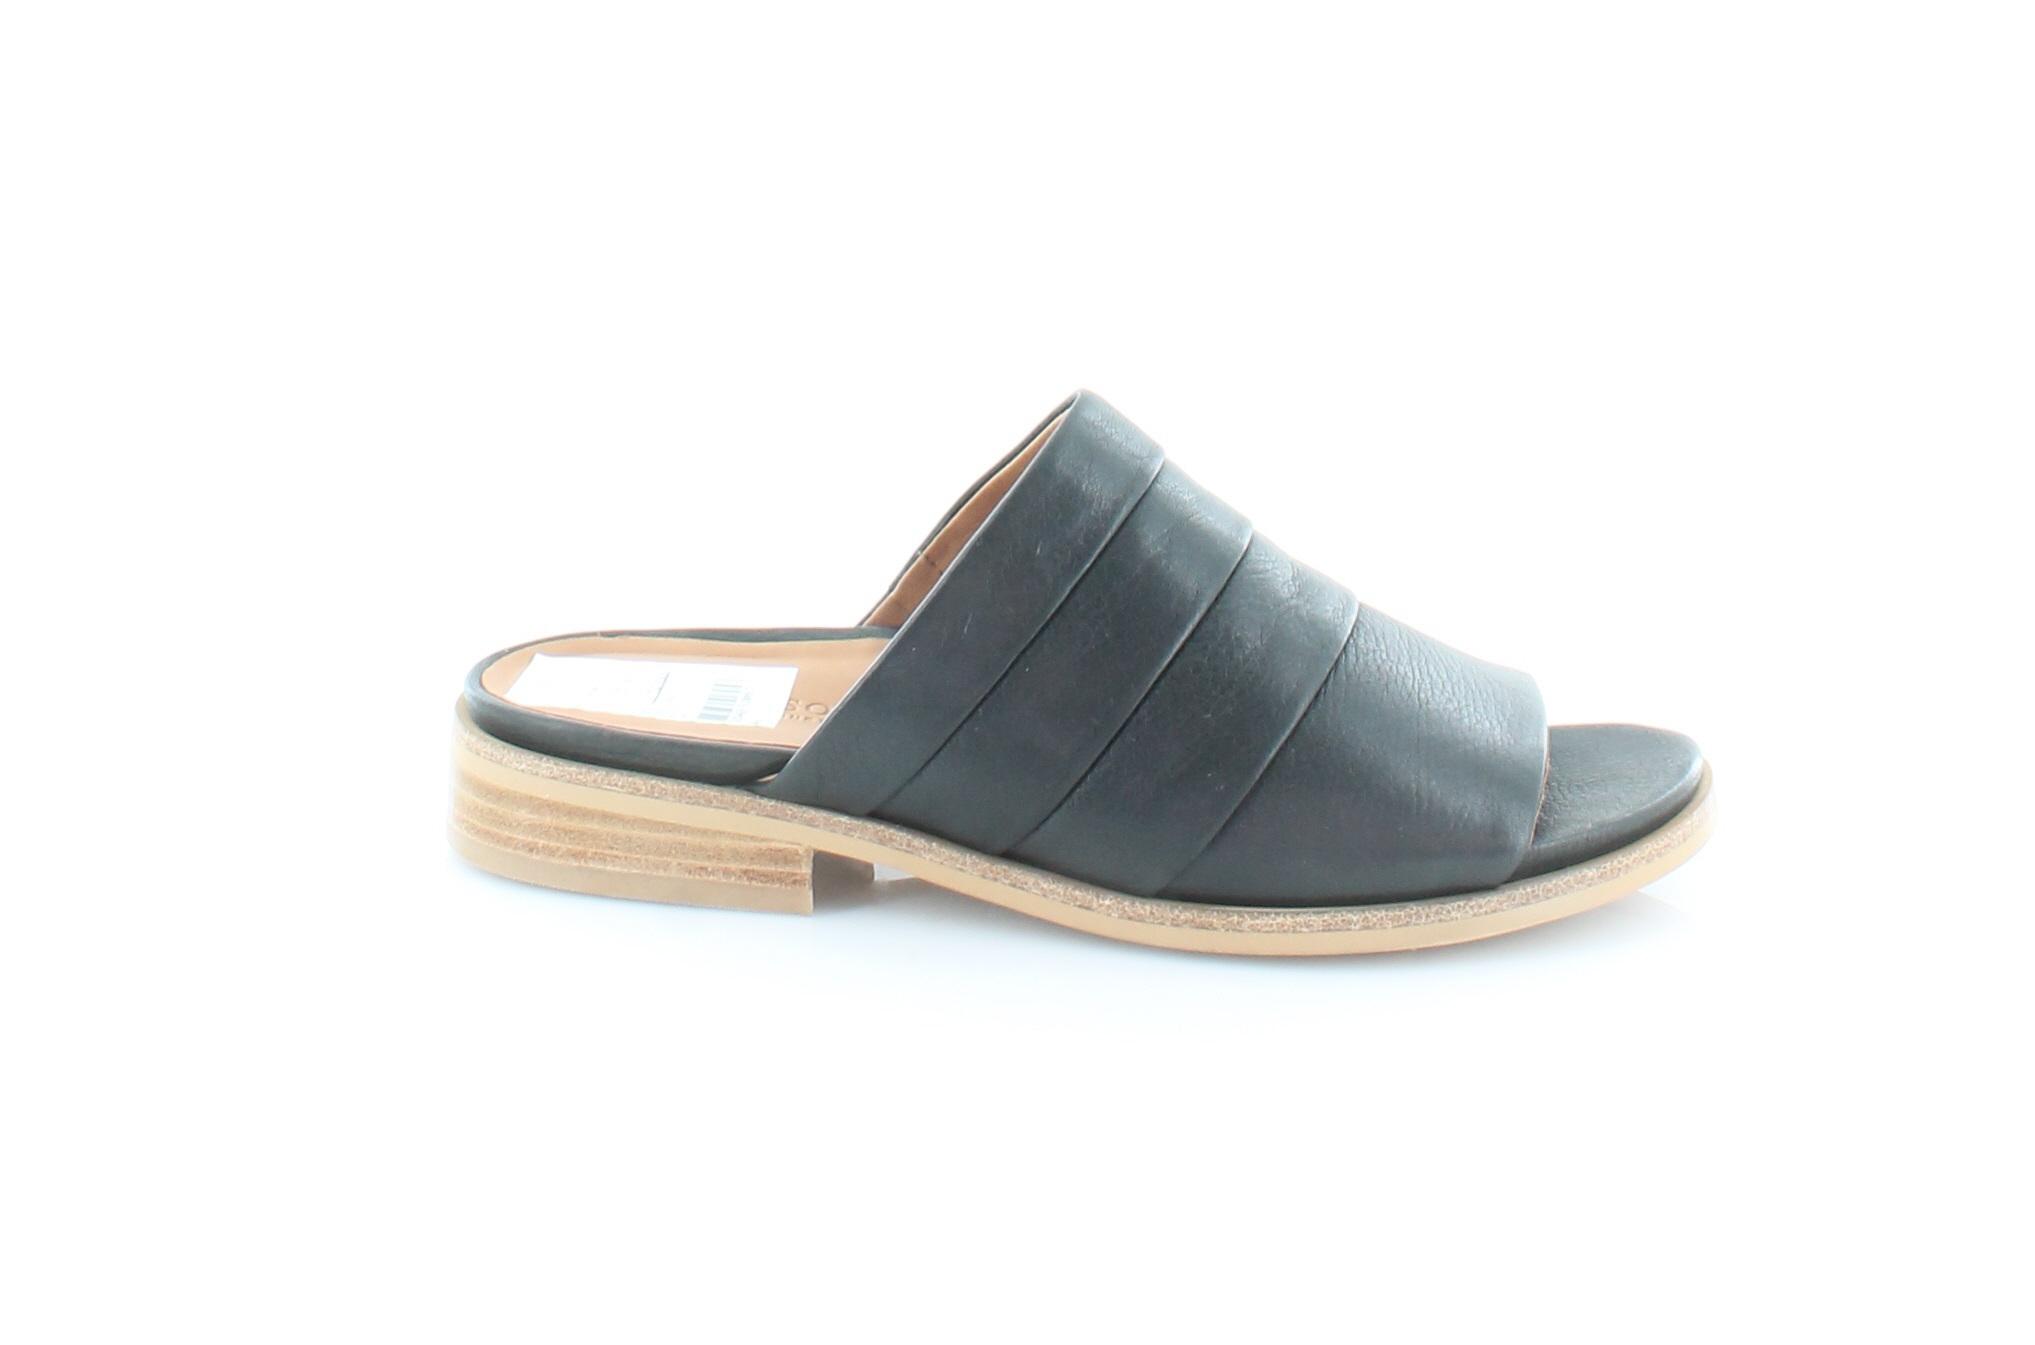 Gentle Souls Nuevo Gayle Negro Sandalias De Mujer Zapatos M precio minorista sugerido por el fabricante